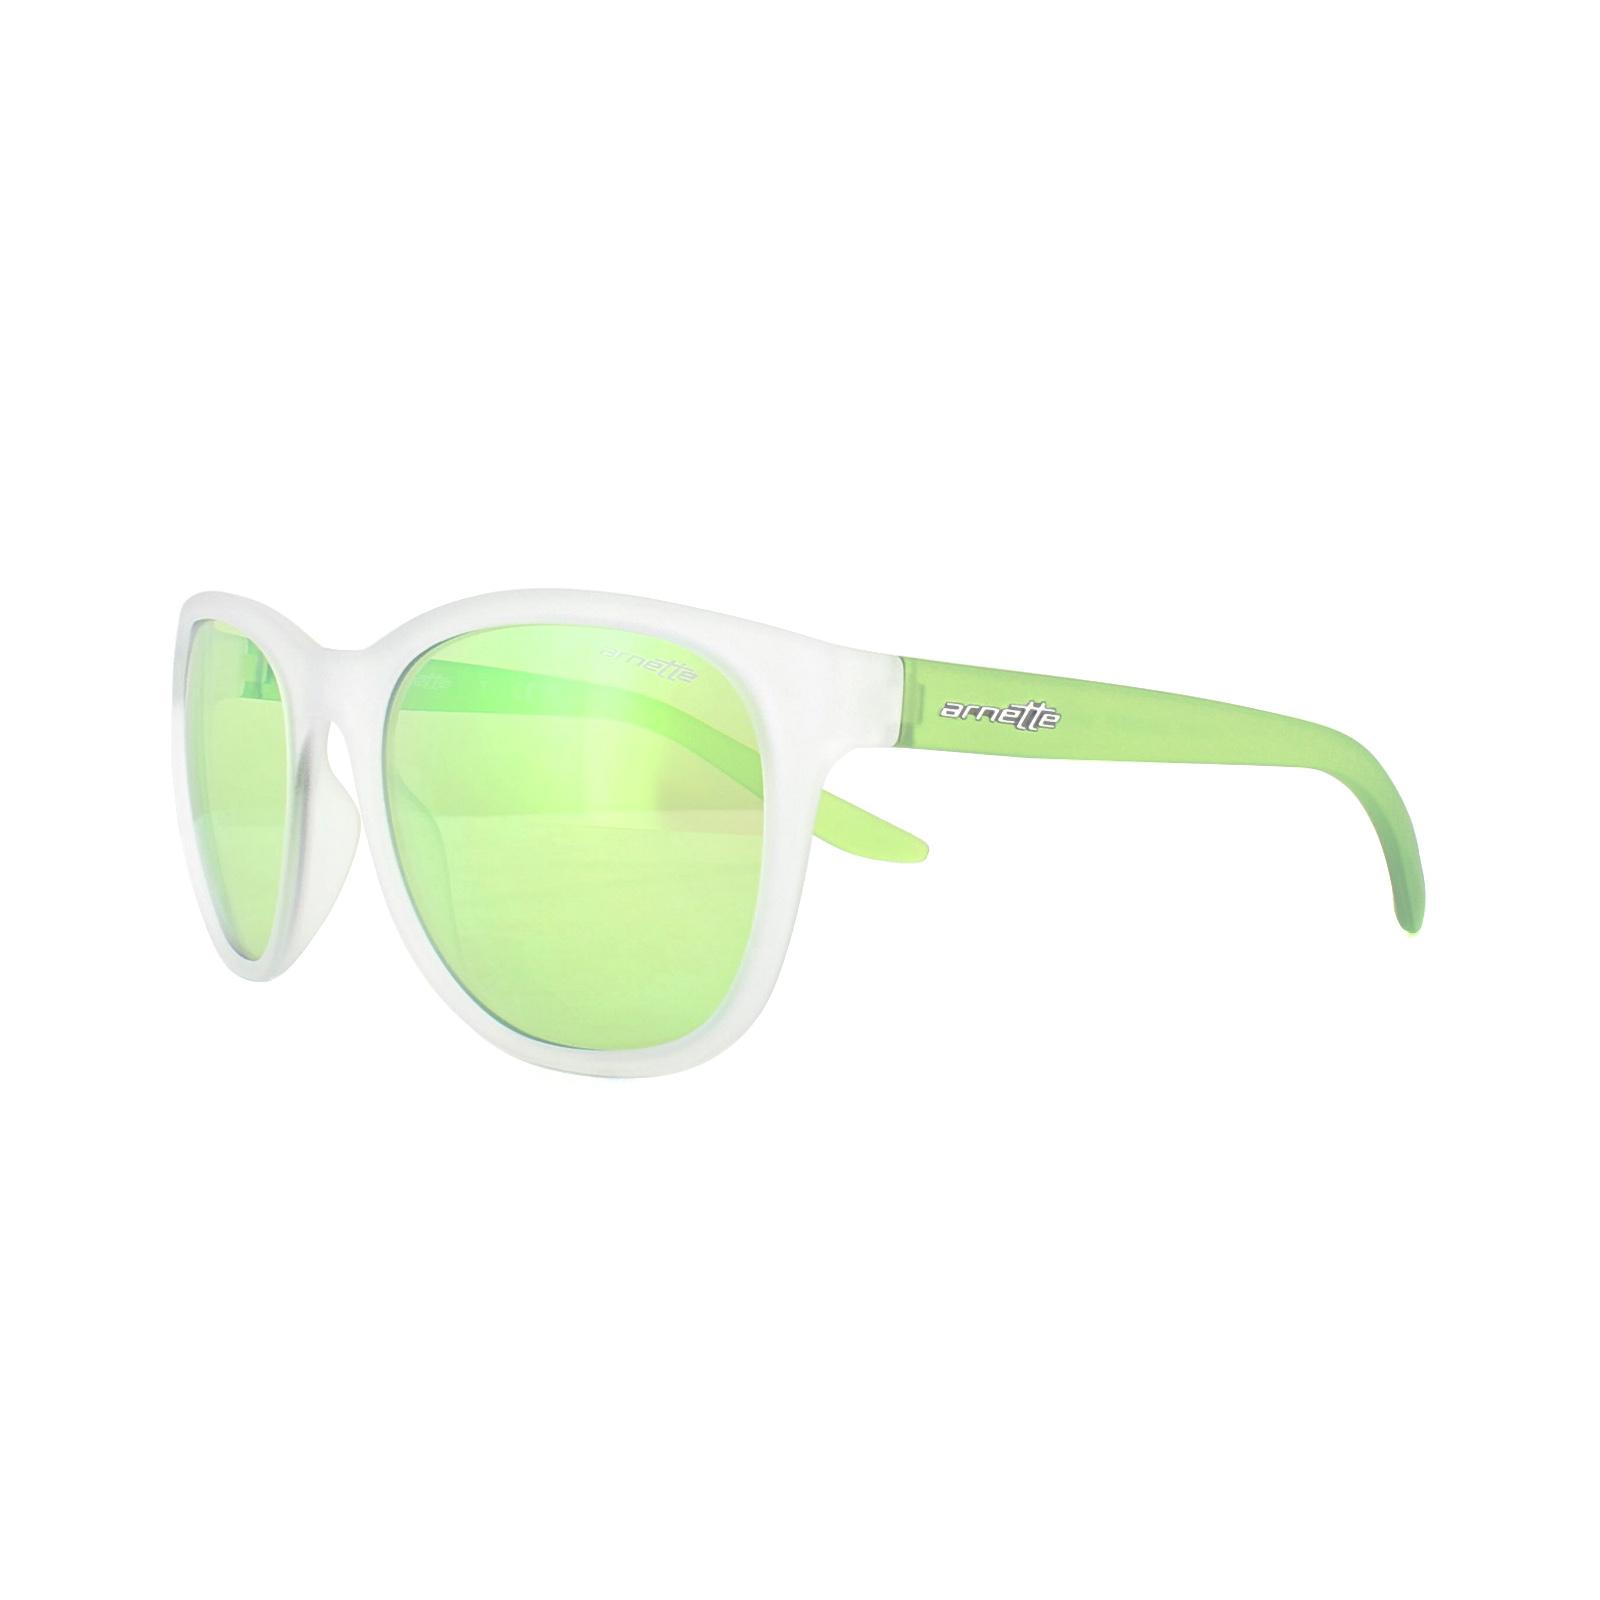 e48e25c1e43 Sentinel Arnette Sunglasses 4228 Grower 23888N Matt Clear Light Green Light  Green Mirror